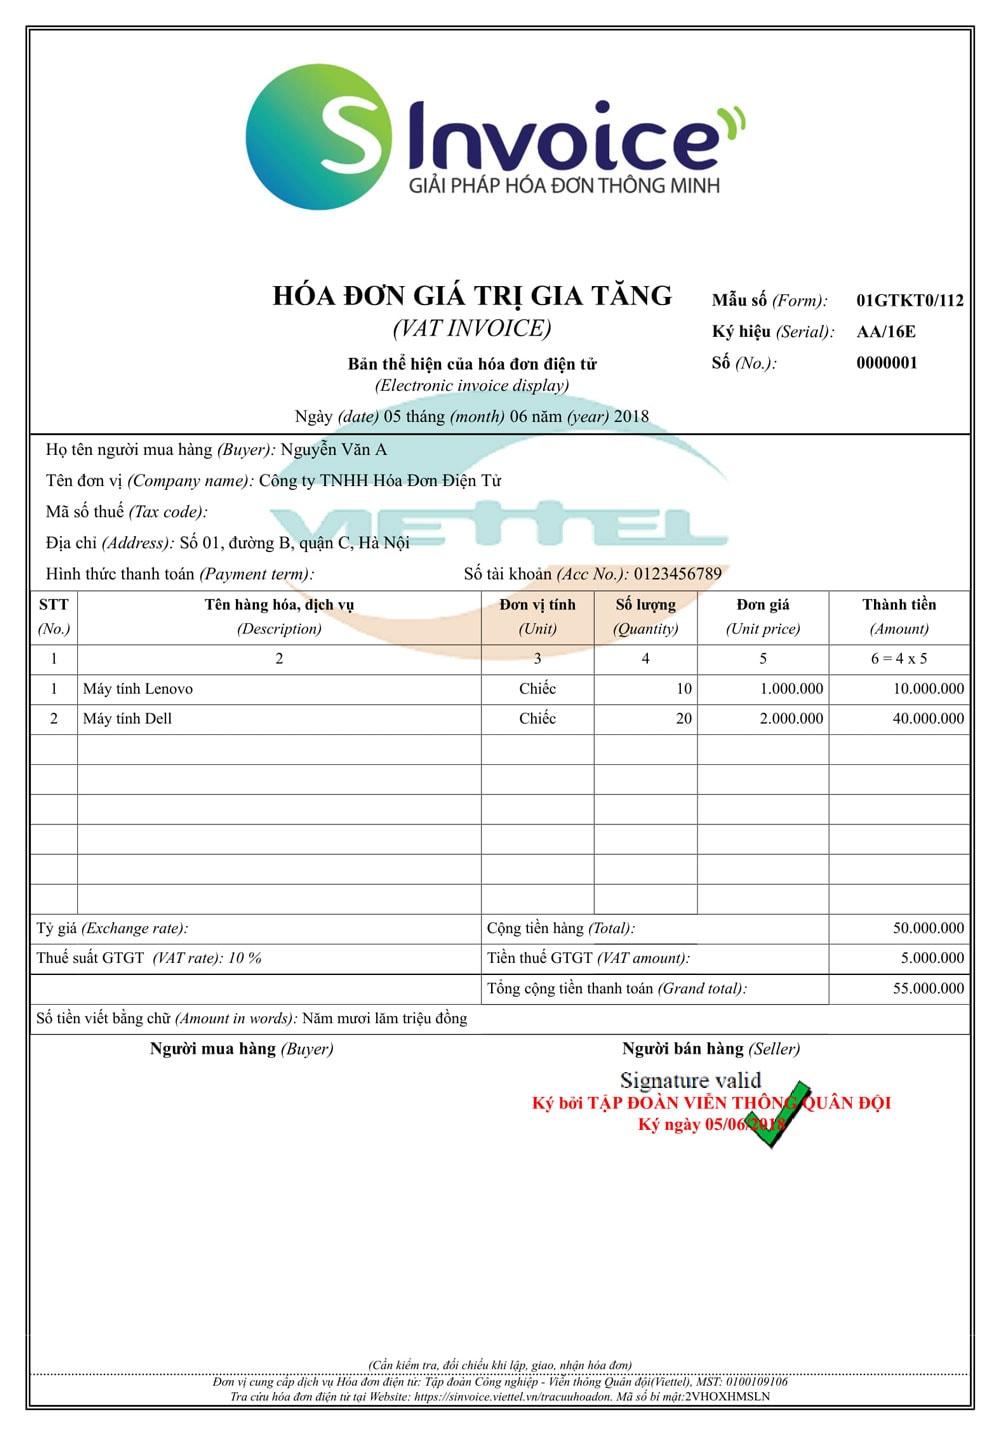 Mẫu hóa đơn điện tử Viettel 7